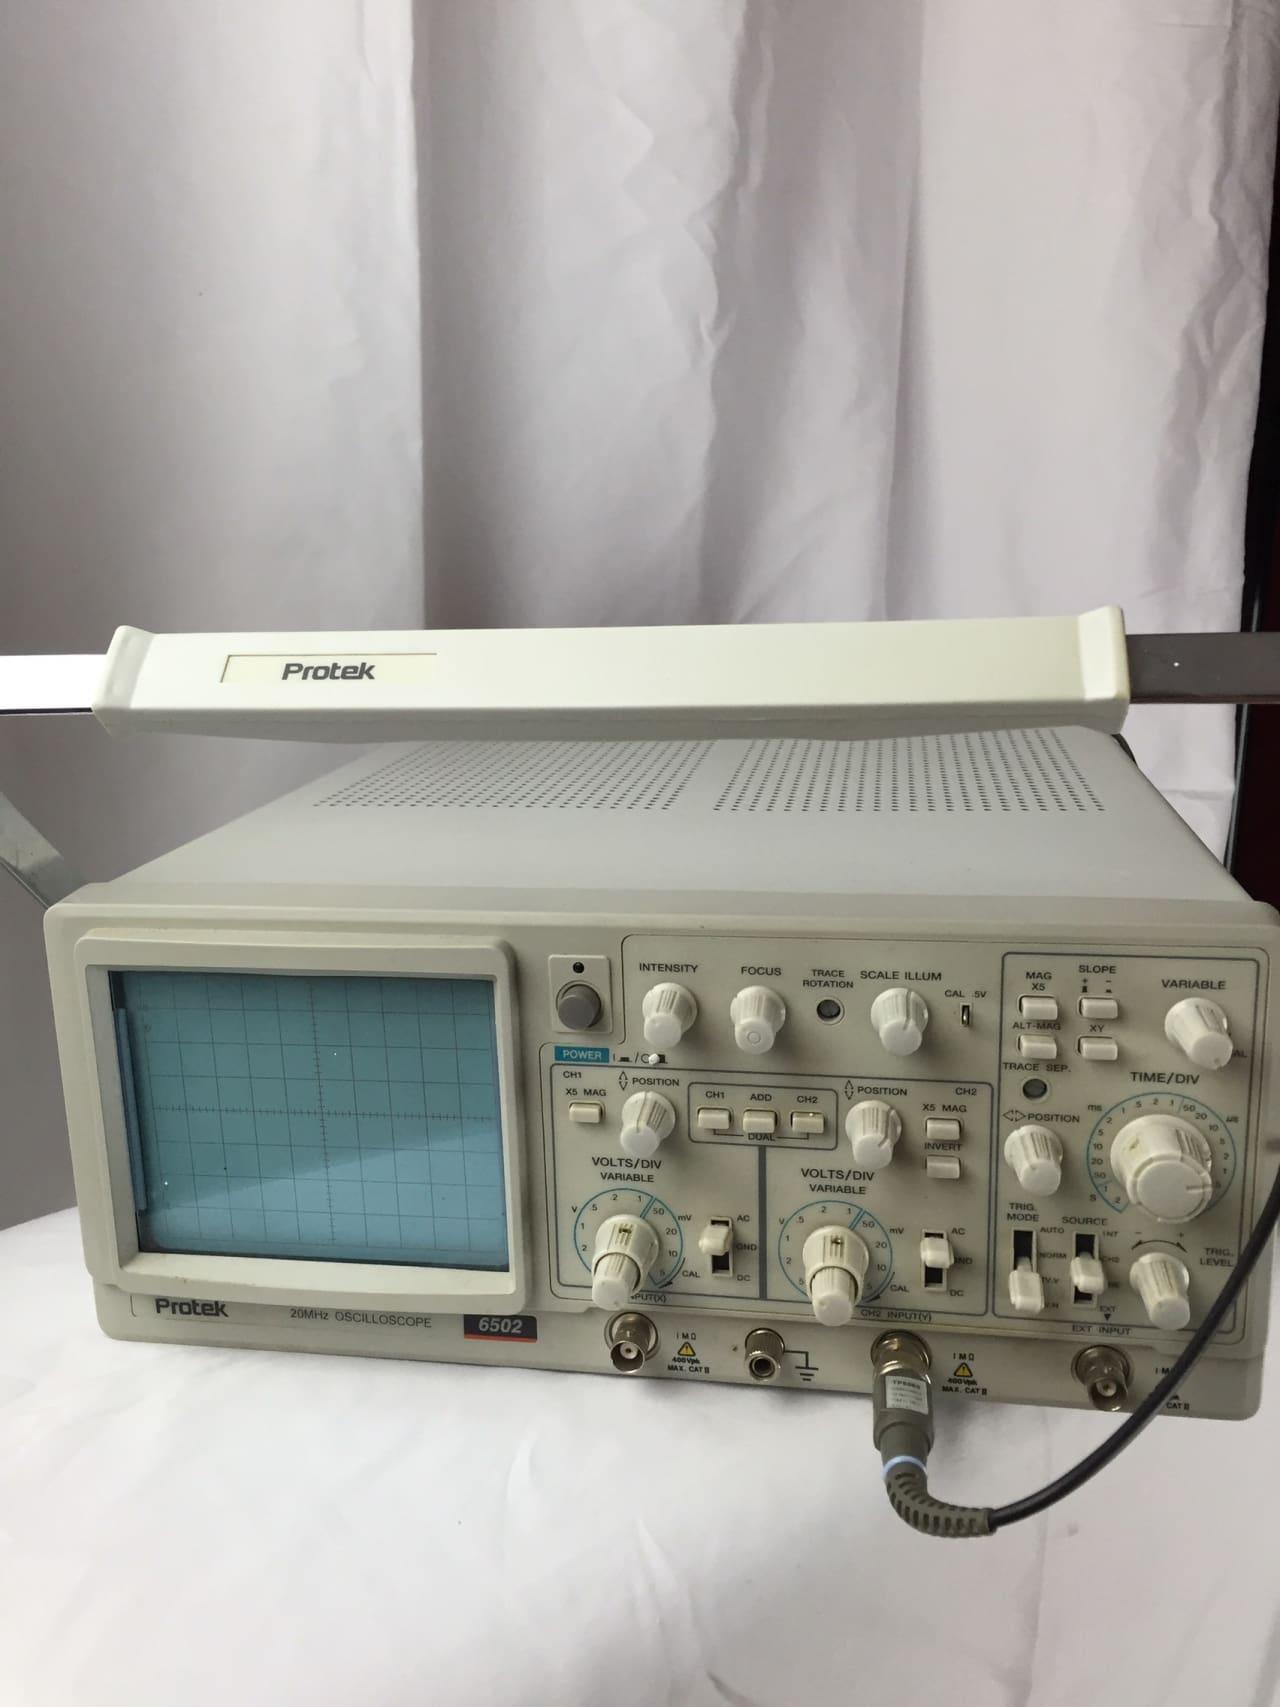 Pro Tek Oscilloscope : Protec oscilloscope s grey reverb